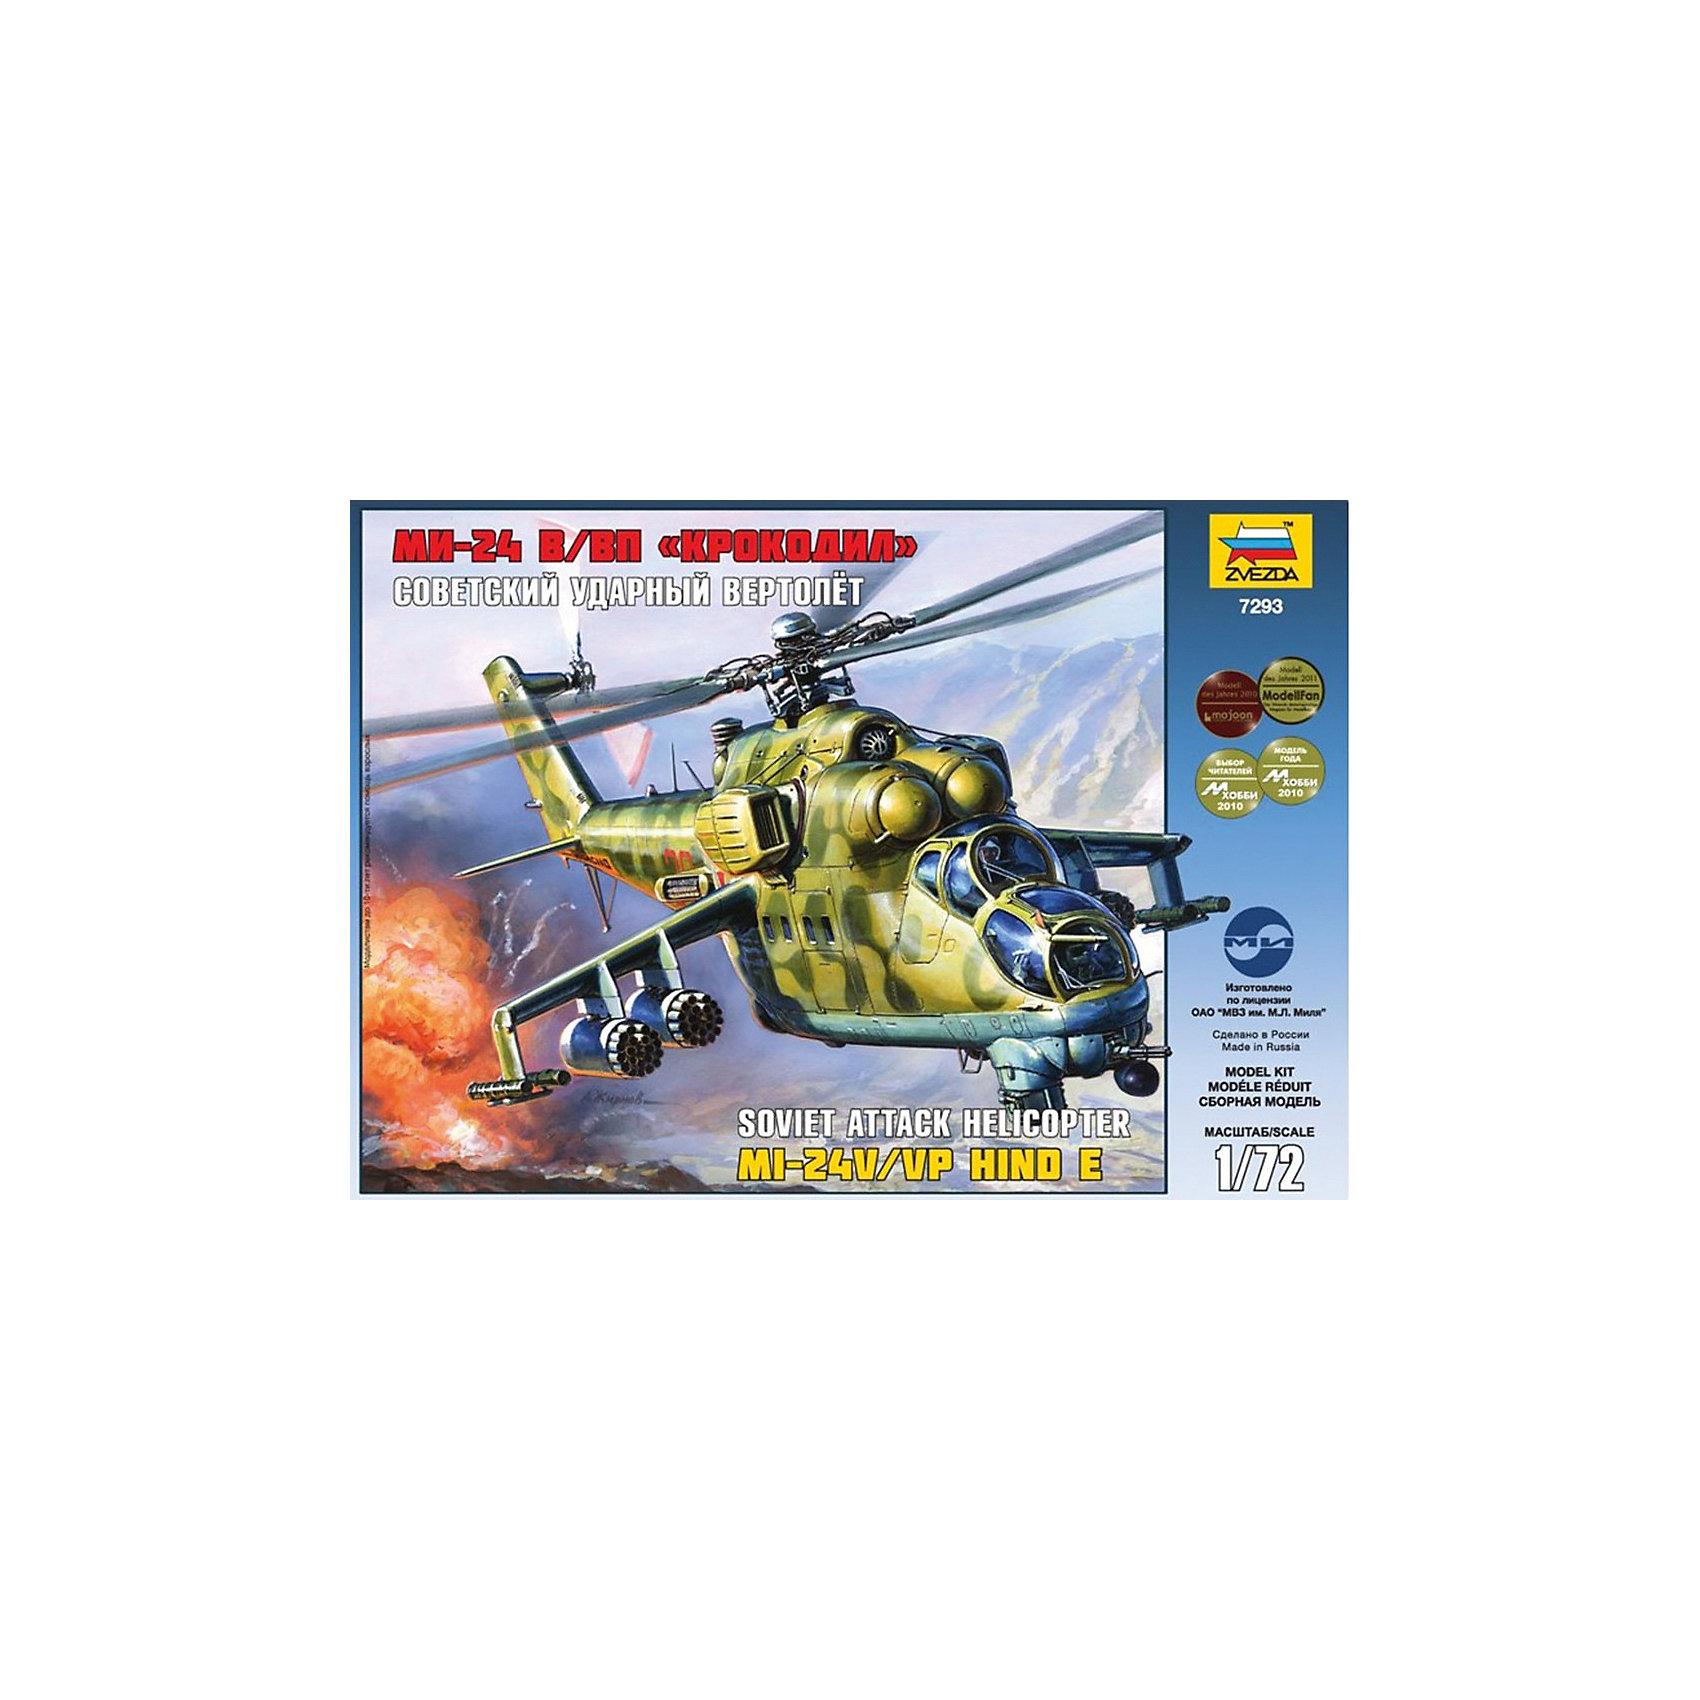 Сборная модель Звезда Вертолет Ми-24 В/ВП. Крокодил, 1:72Модели для склеивания<br>Модель сборная Советский вертолет Ми-24 В/ВП Крокодил (Россия)<br><br>Ширина мм: 304<br>Глубина мм: 50<br>Высота мм: 205<br>Вес г: 280<br>Возраст от месяцев: 36<br>Возраст до месяцев: 180<br>Пол: Мужской<br>Возраст: Детский<br>SKU: 7086550